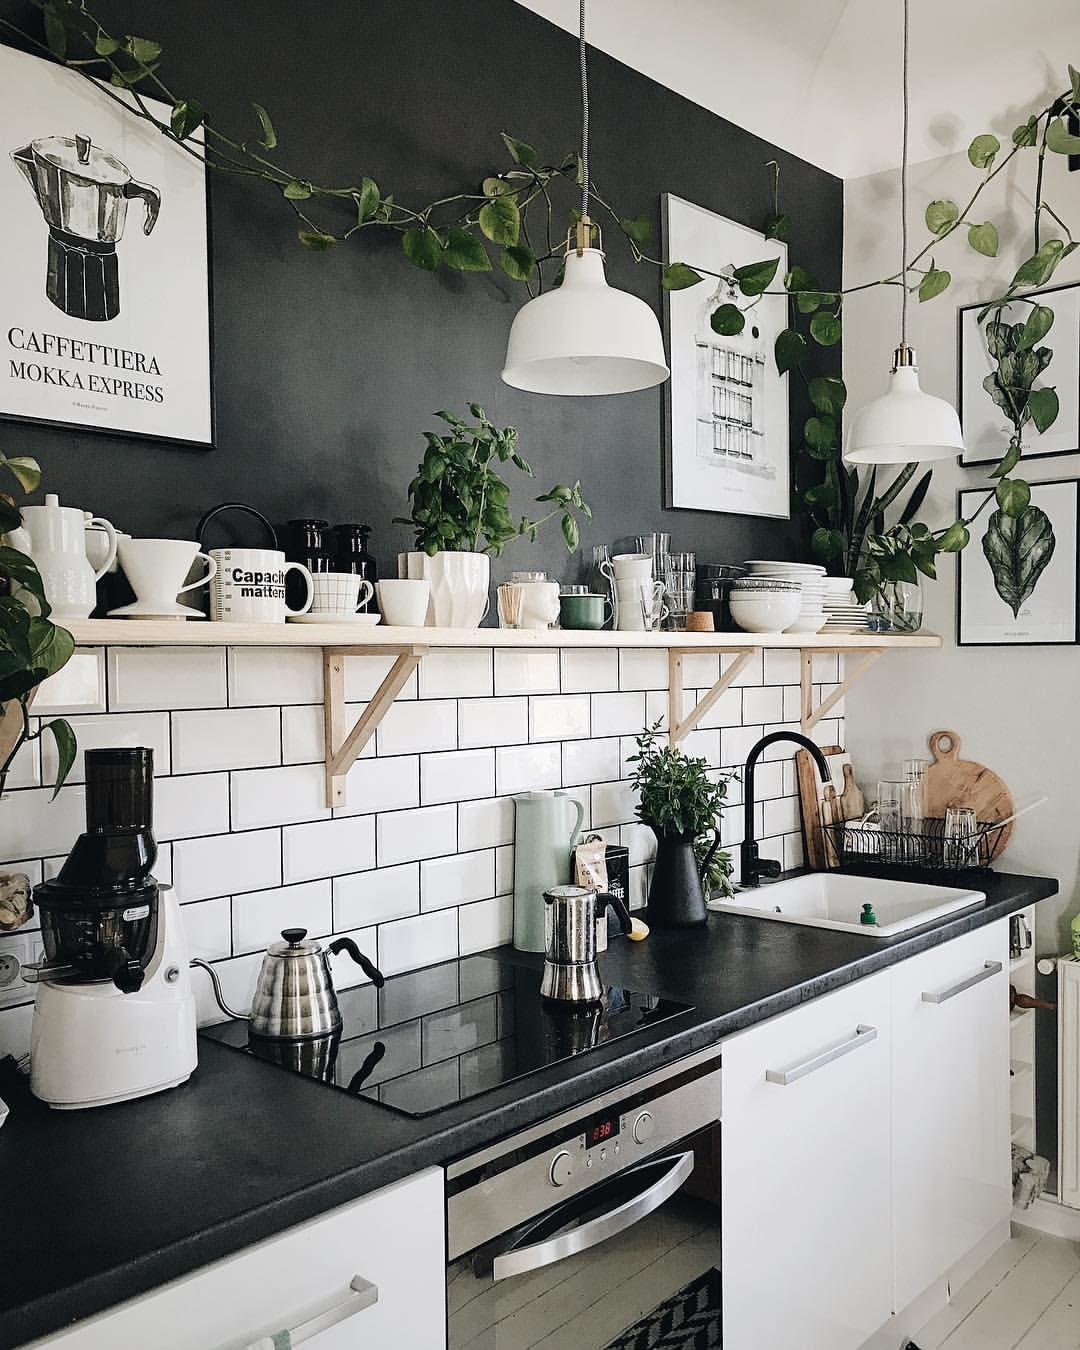 Pin von mandiebeth auf Home Decor Ideaaaaas | Pinterest | Küche und ...